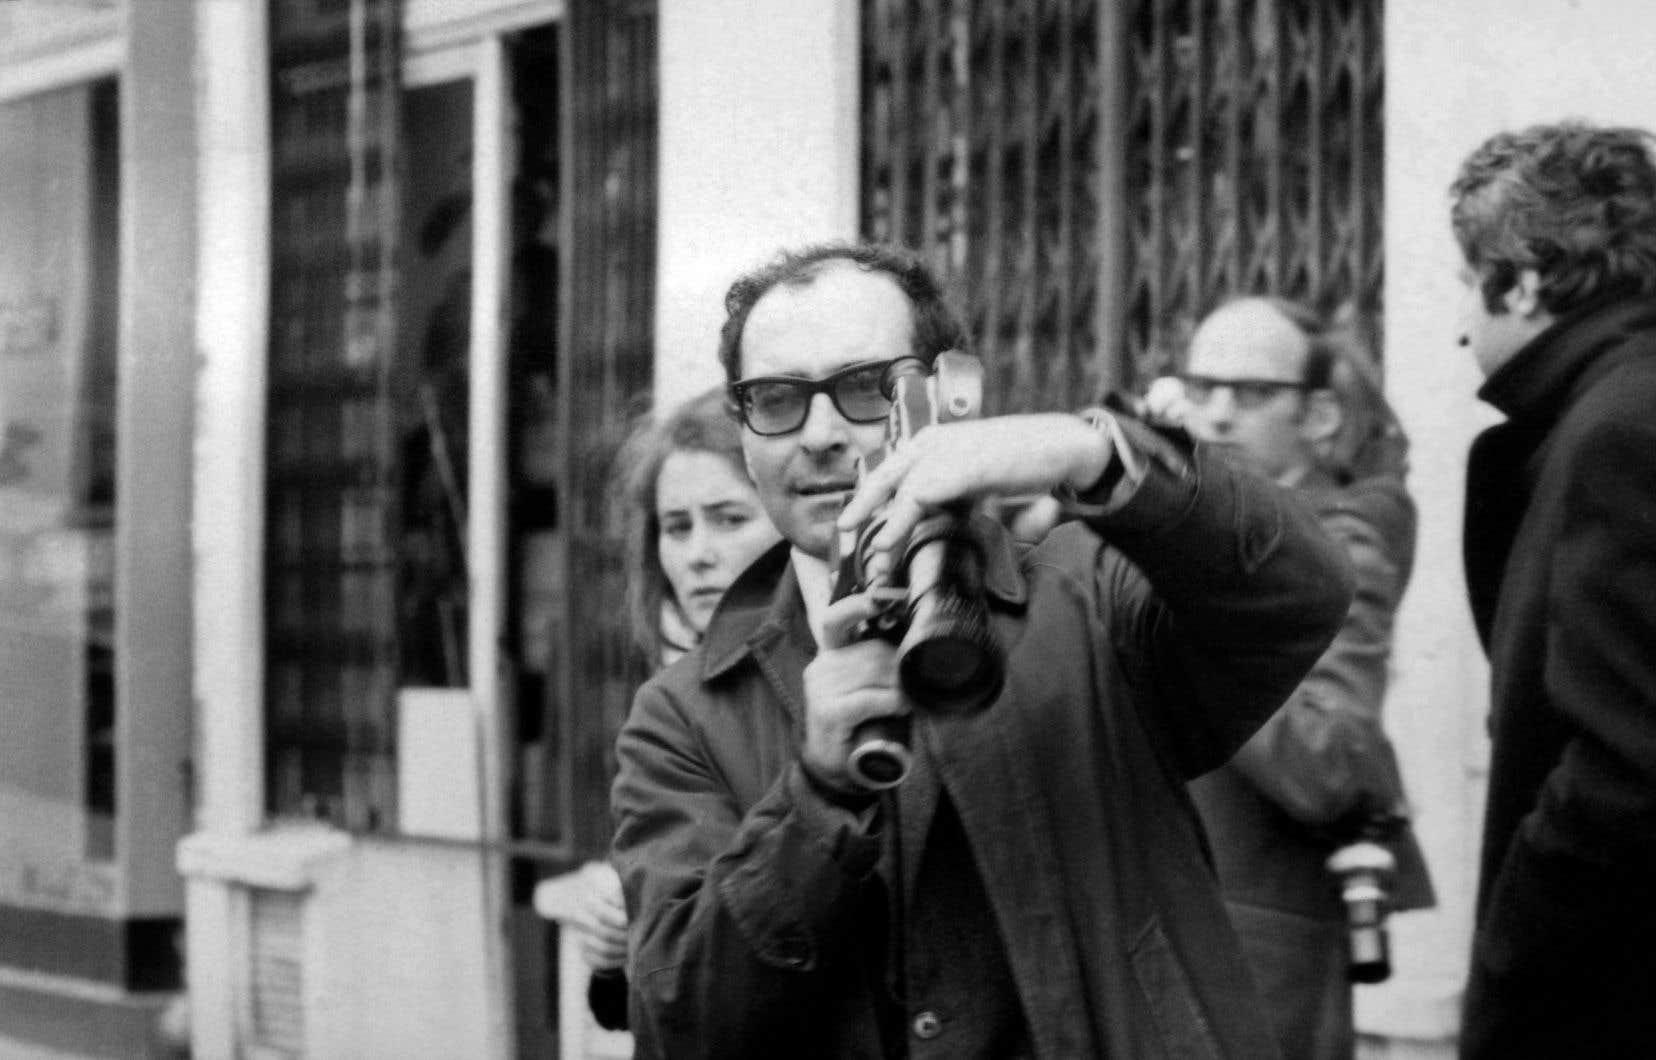 Camera en mains, le cinéaste Jean-Luc Godard filme une manifestation à Paris le 6 mai 1968.